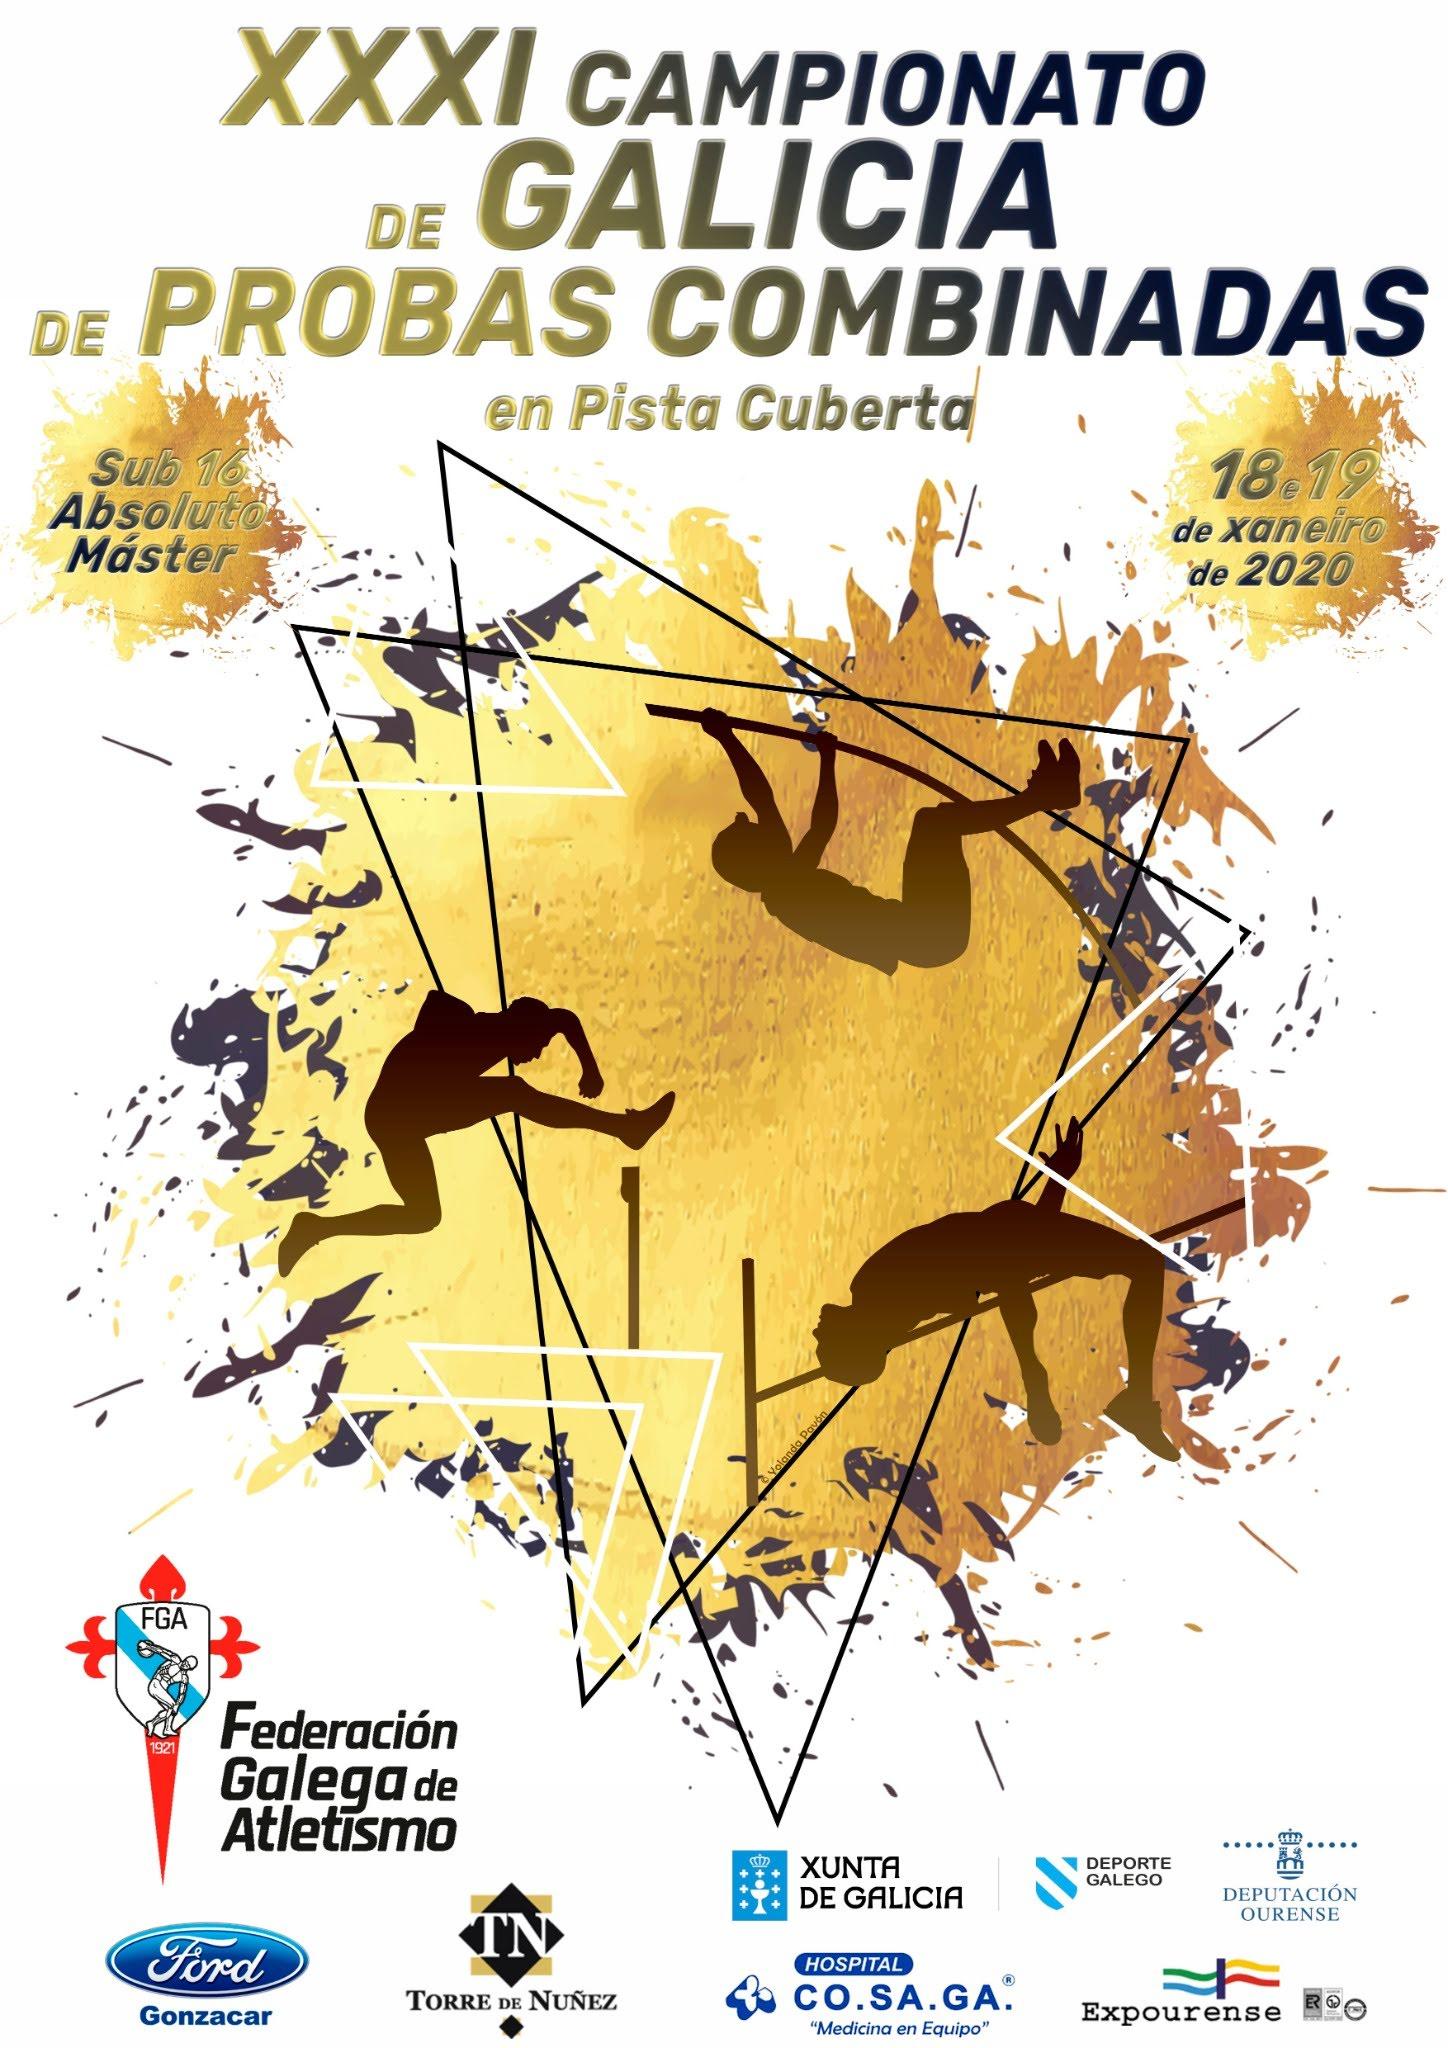 XXXI Campionato de Galicia de Probas Combinadas en Pista Cuberta (Absoluto – Sub16 – Máster)